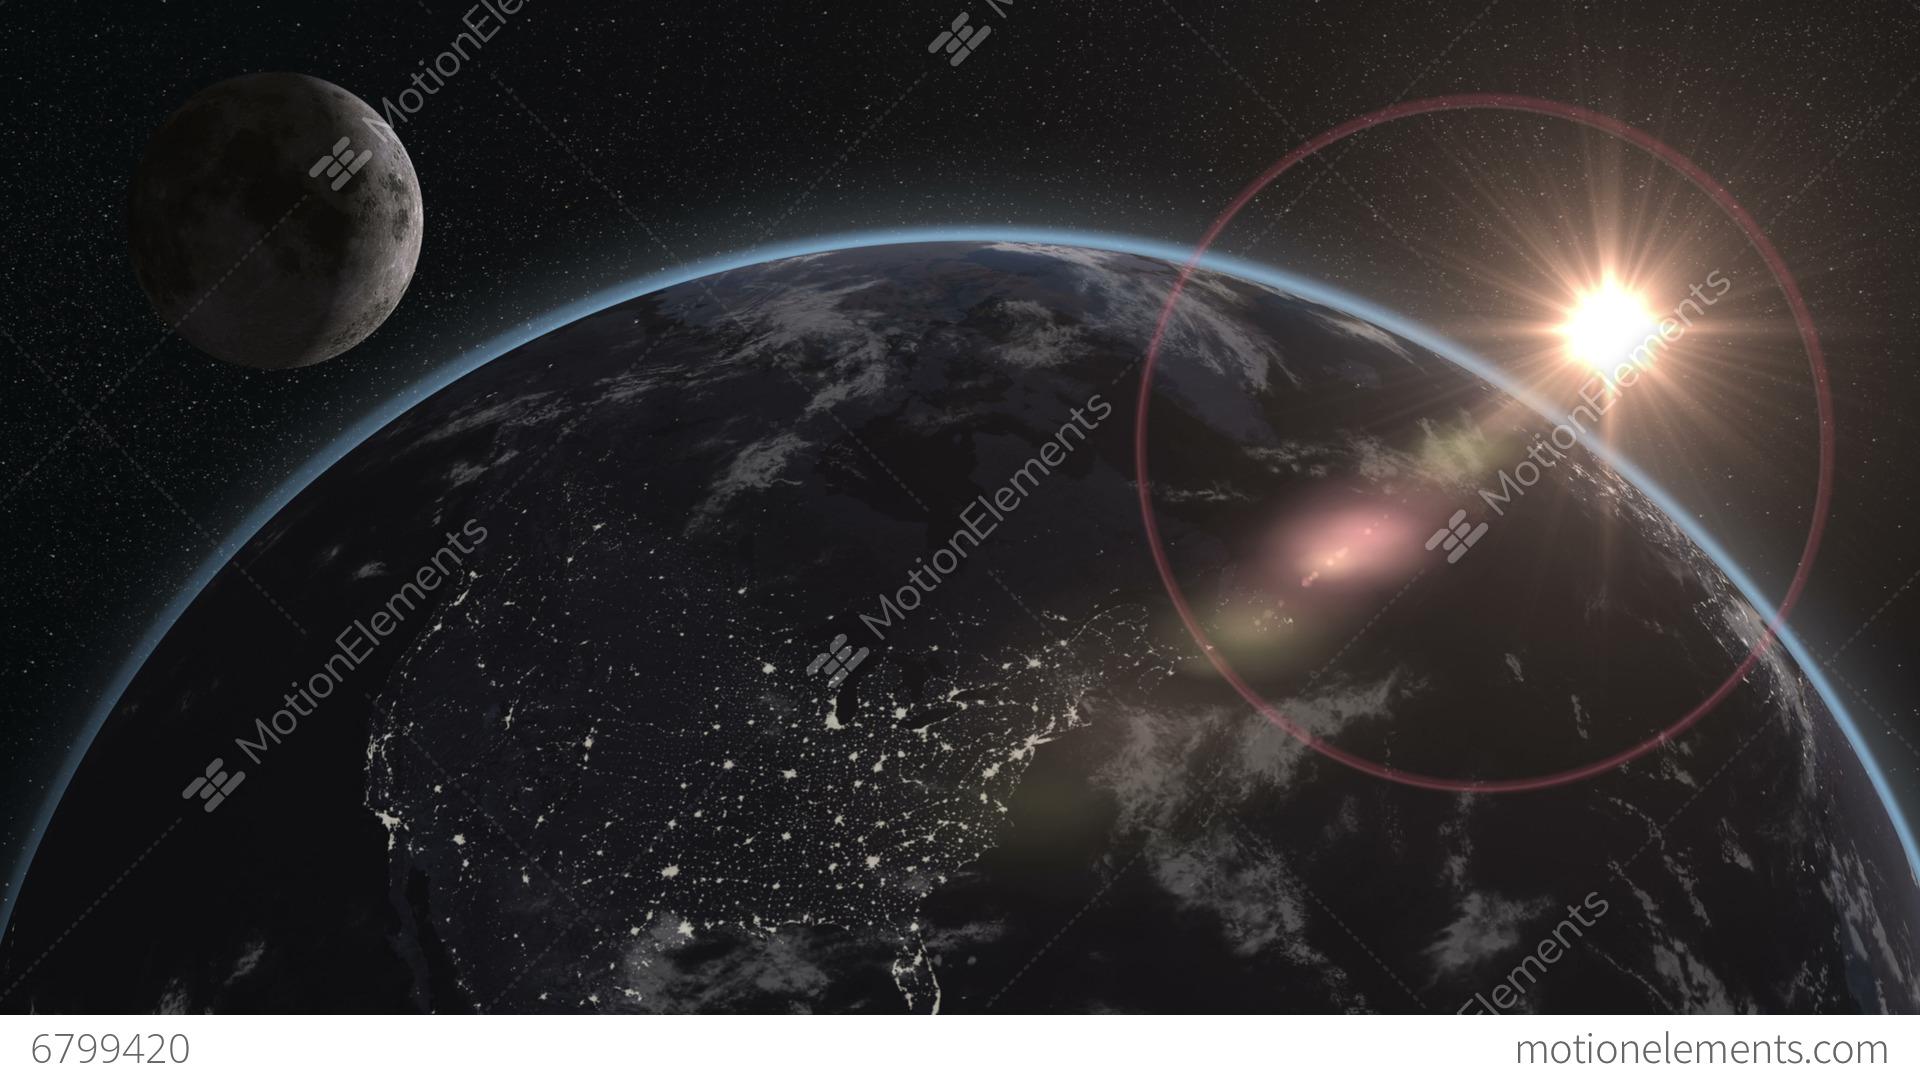 4k Uhd Earth Moon Night